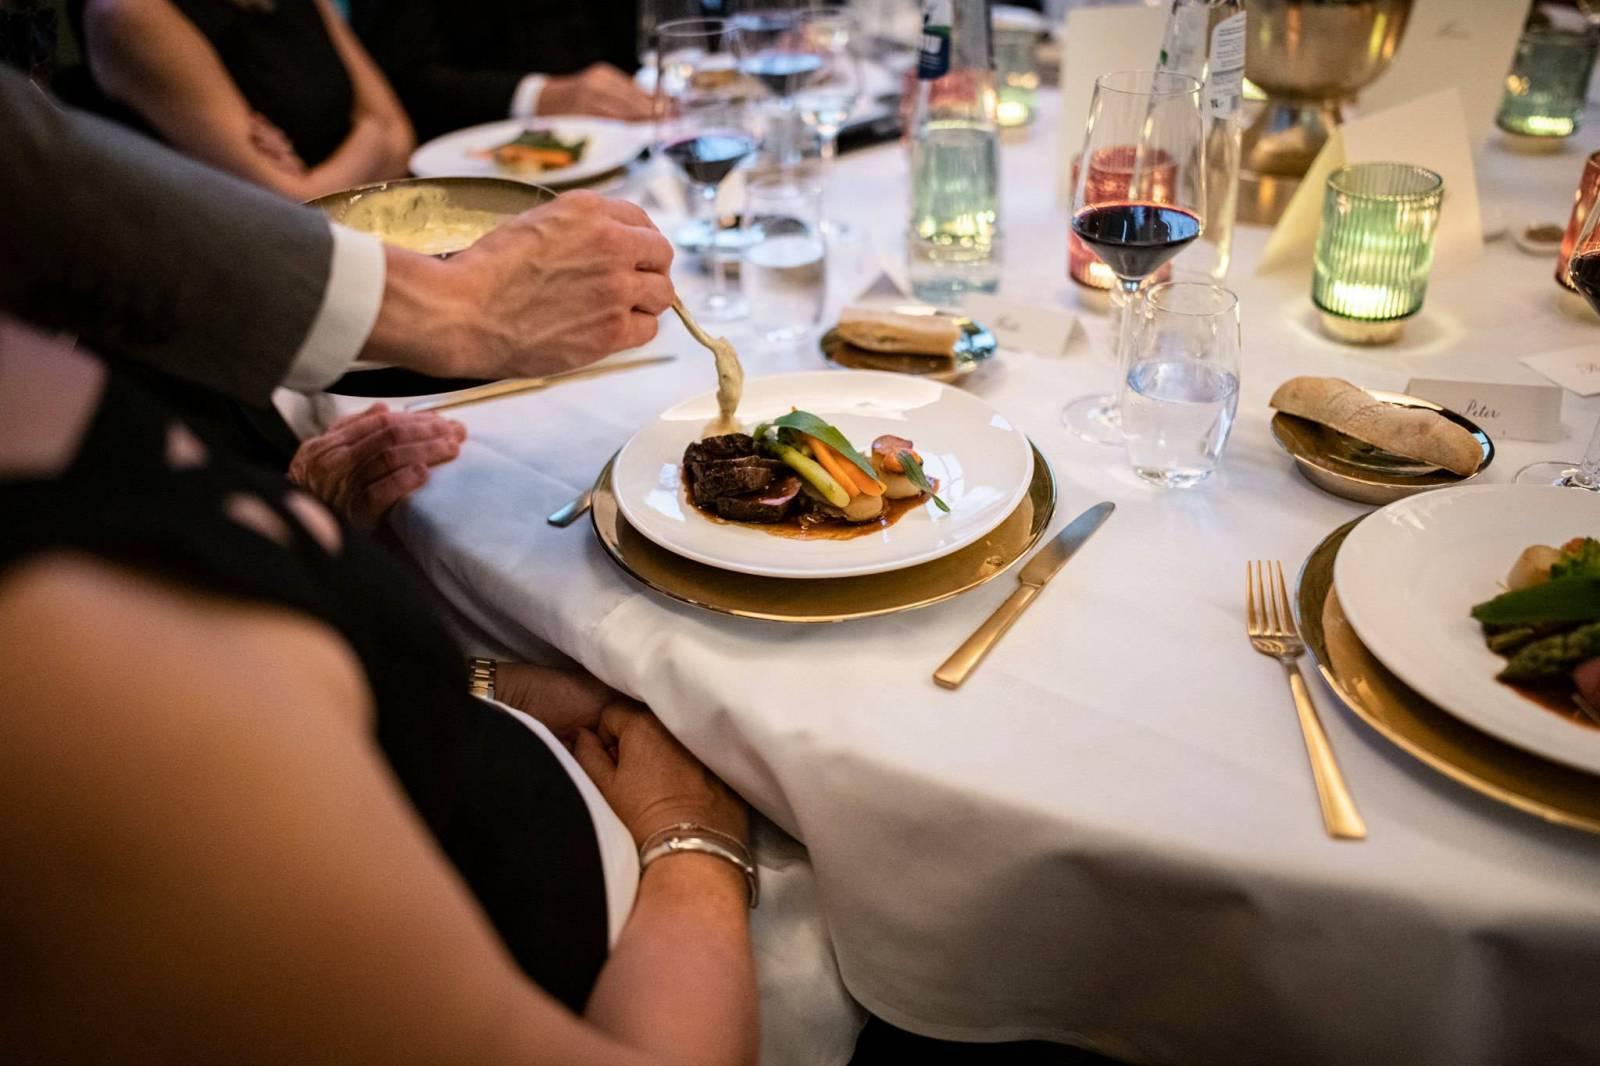 Gastronomie Nicolas - Catering - Traiteur - Trouw - Huwelijk - Bruiloft - House of Events - 7